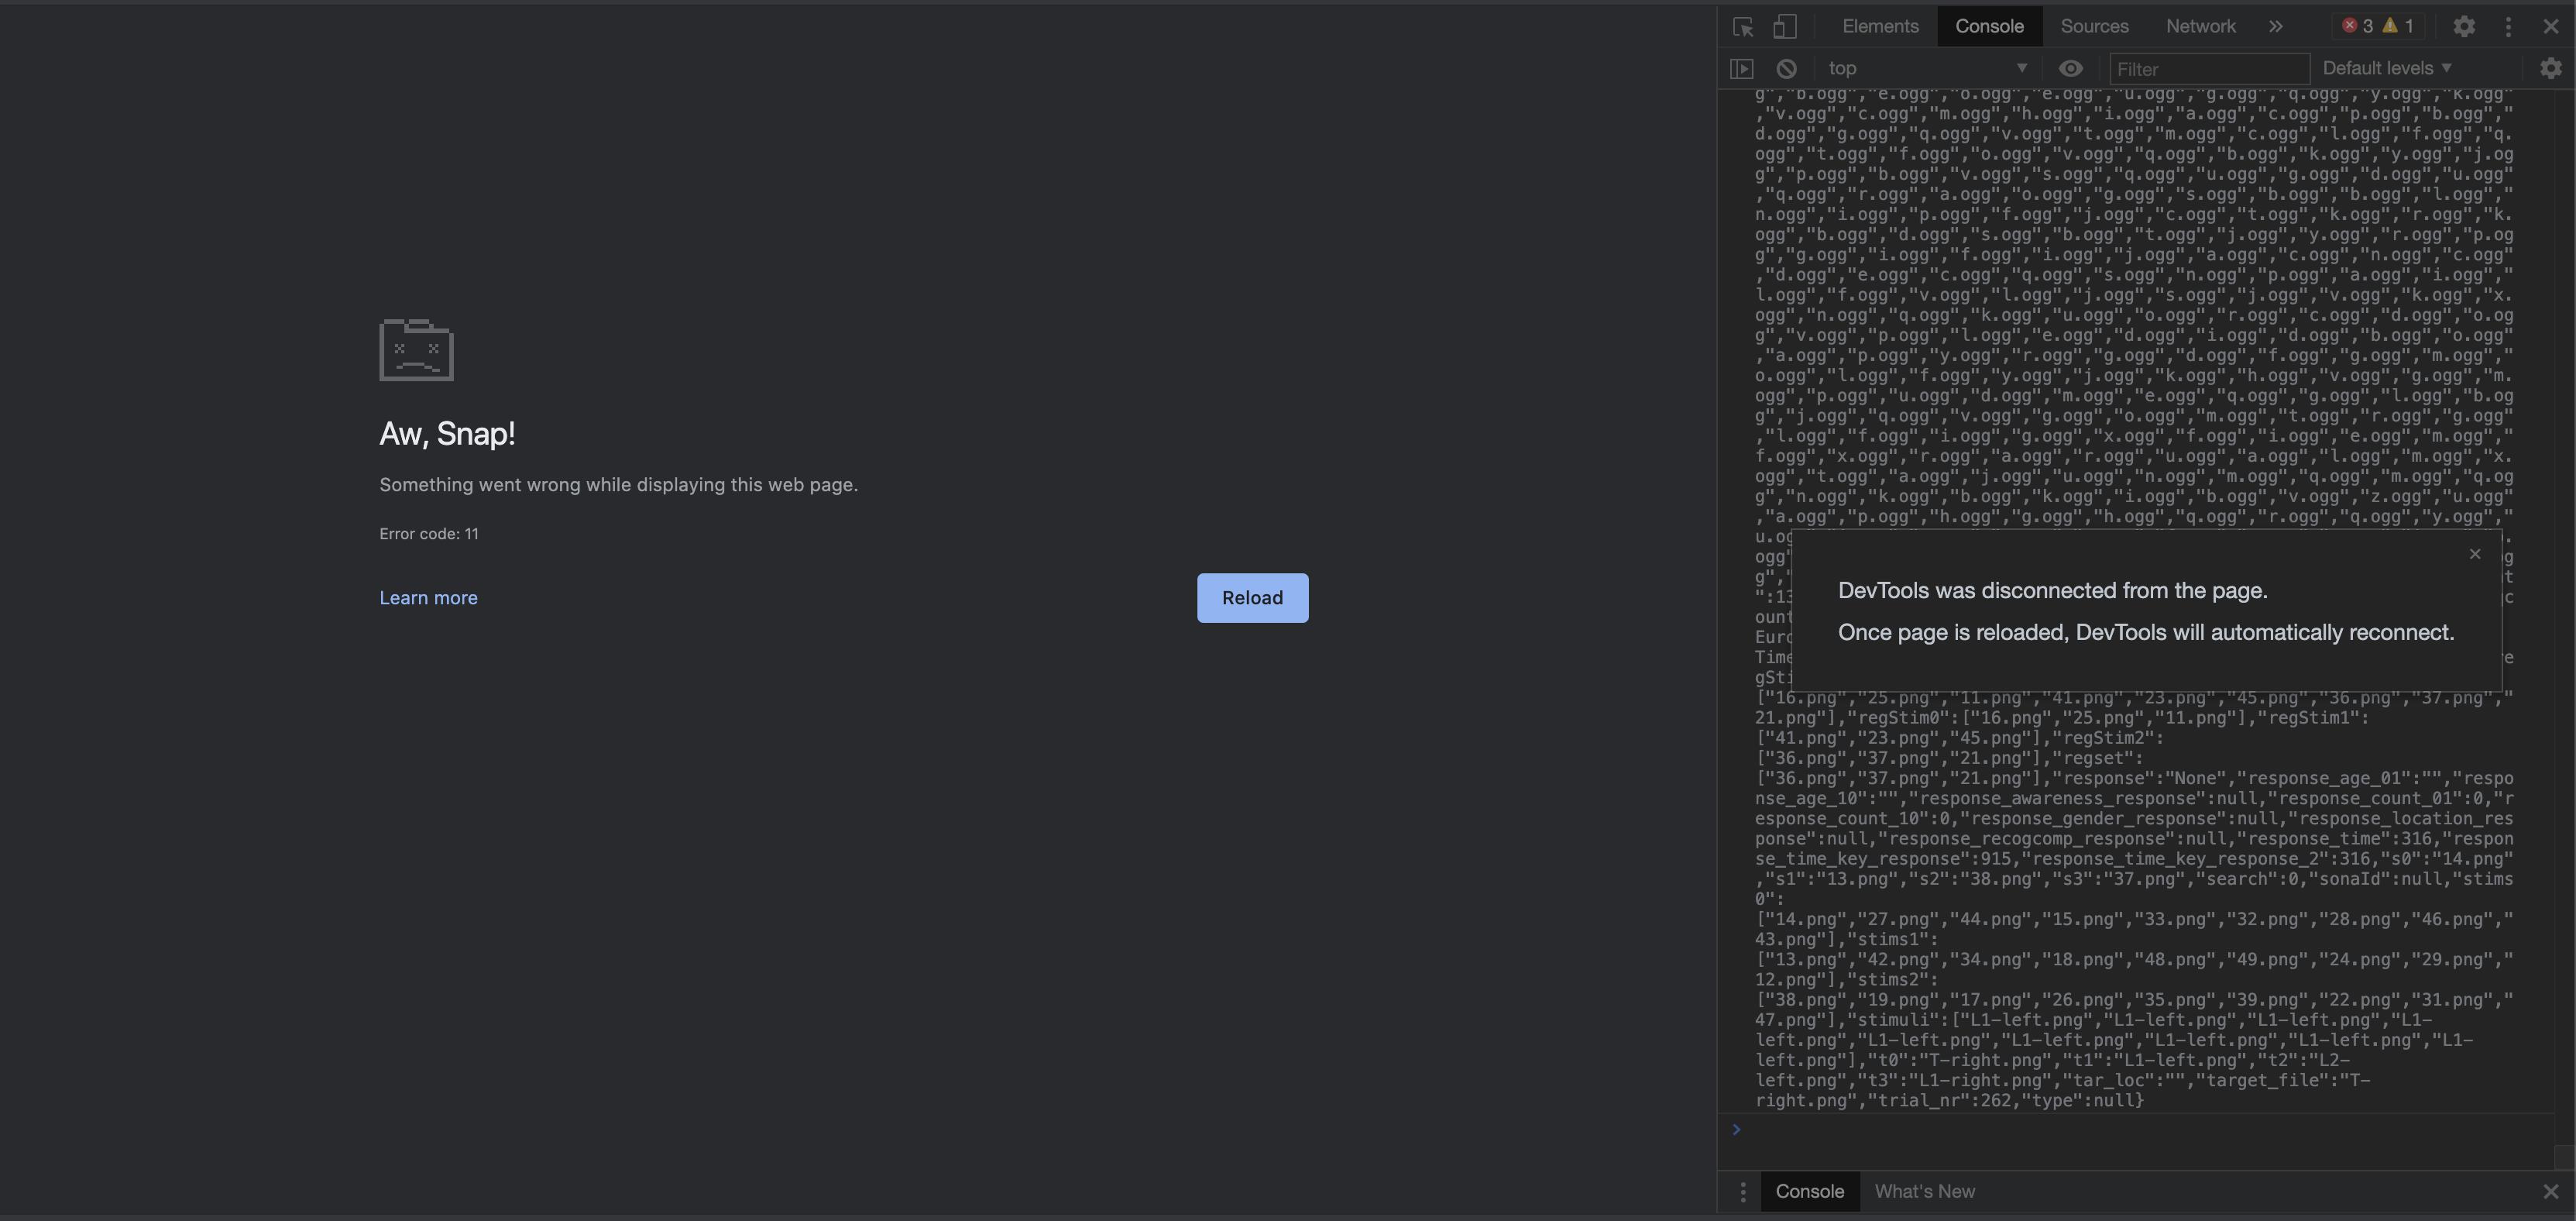 Screenshot 2021-02-04 at 15.55.07.png